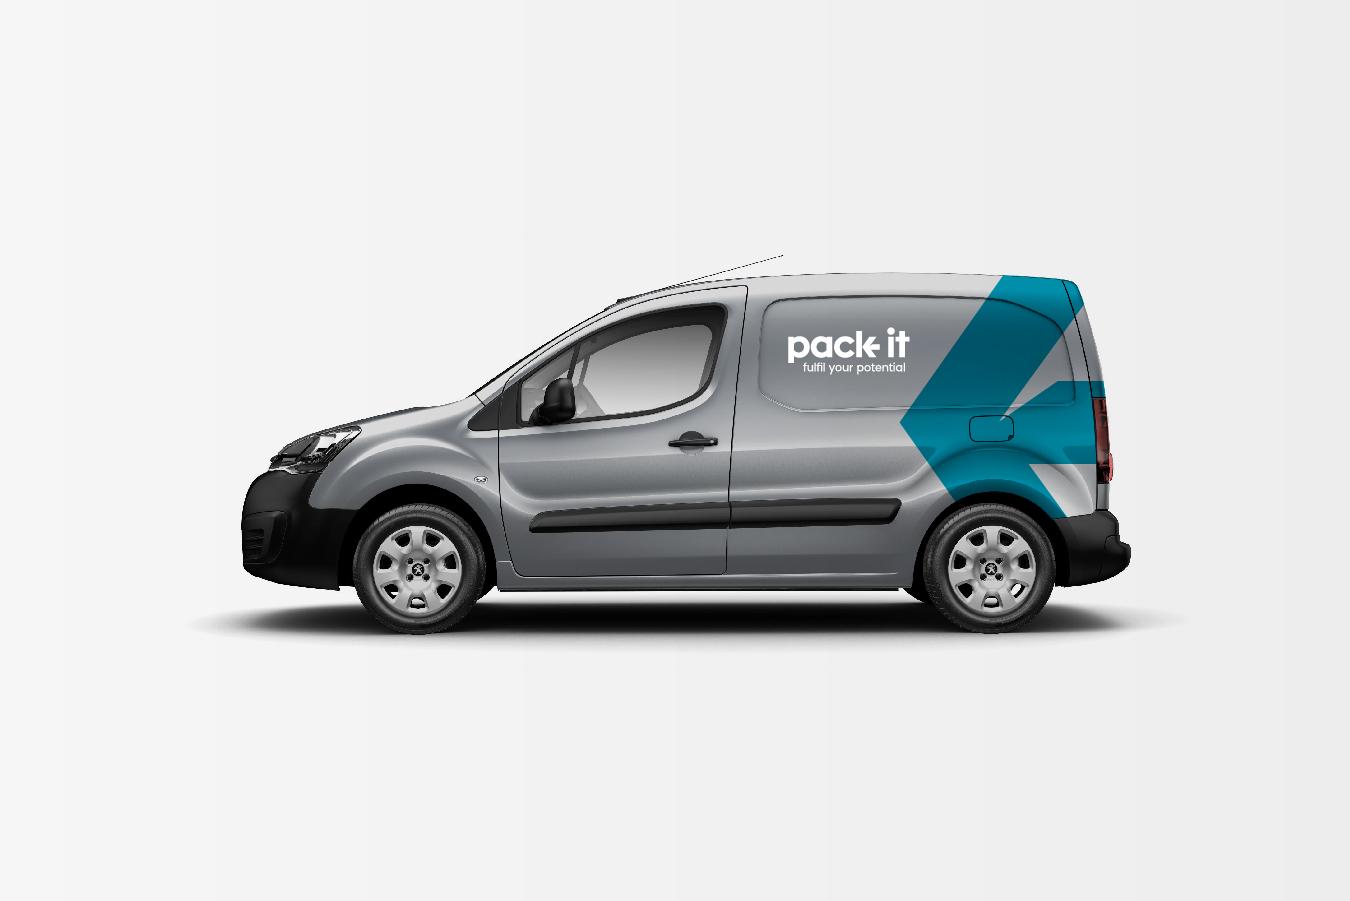 3-pack-it-vehicle-wrap.jpg